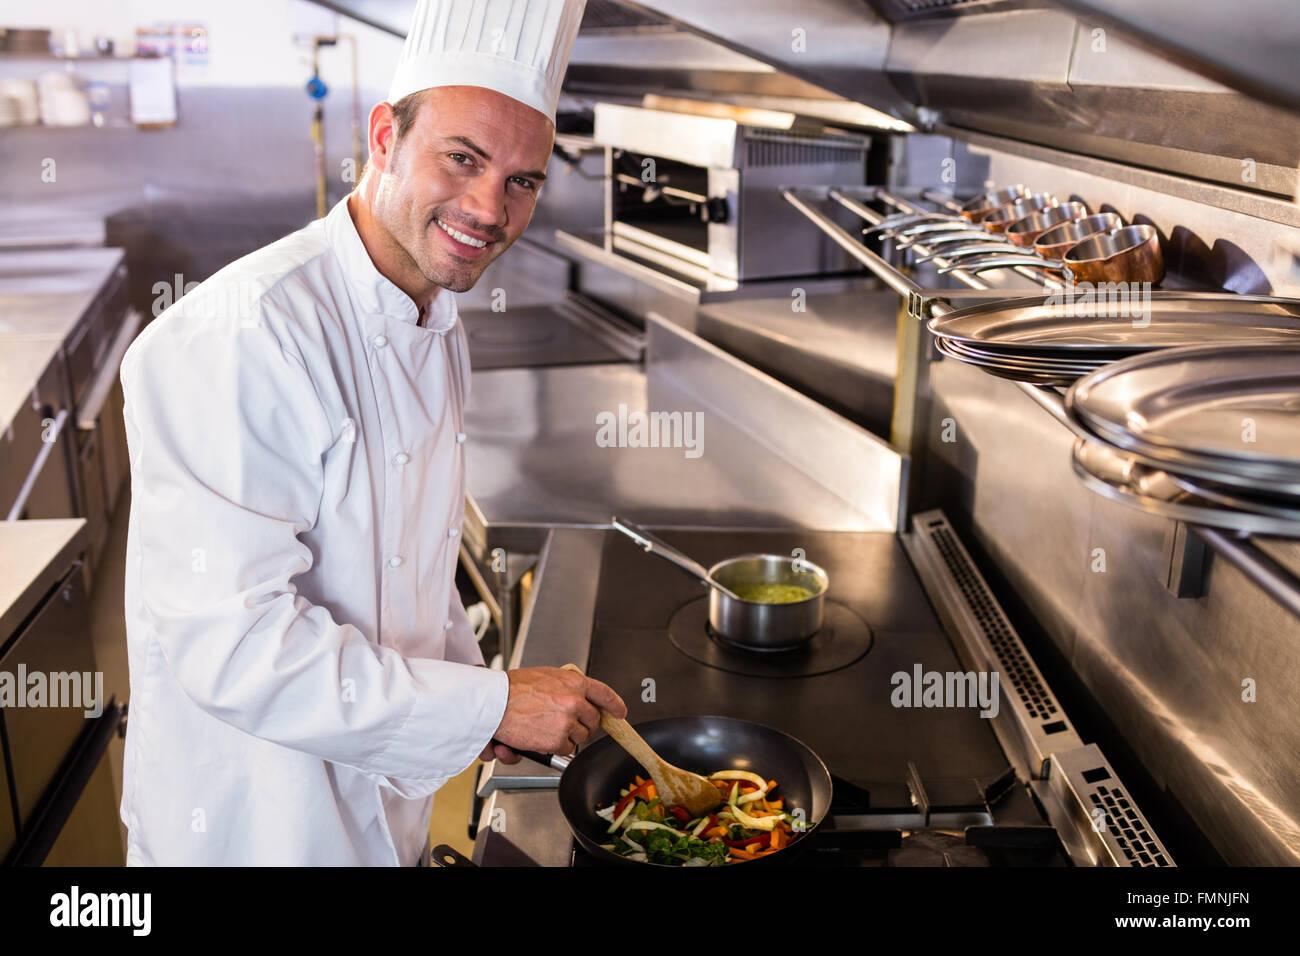 Koch, Die Zubereitung Von Speisen In Der Küche Stockfoto